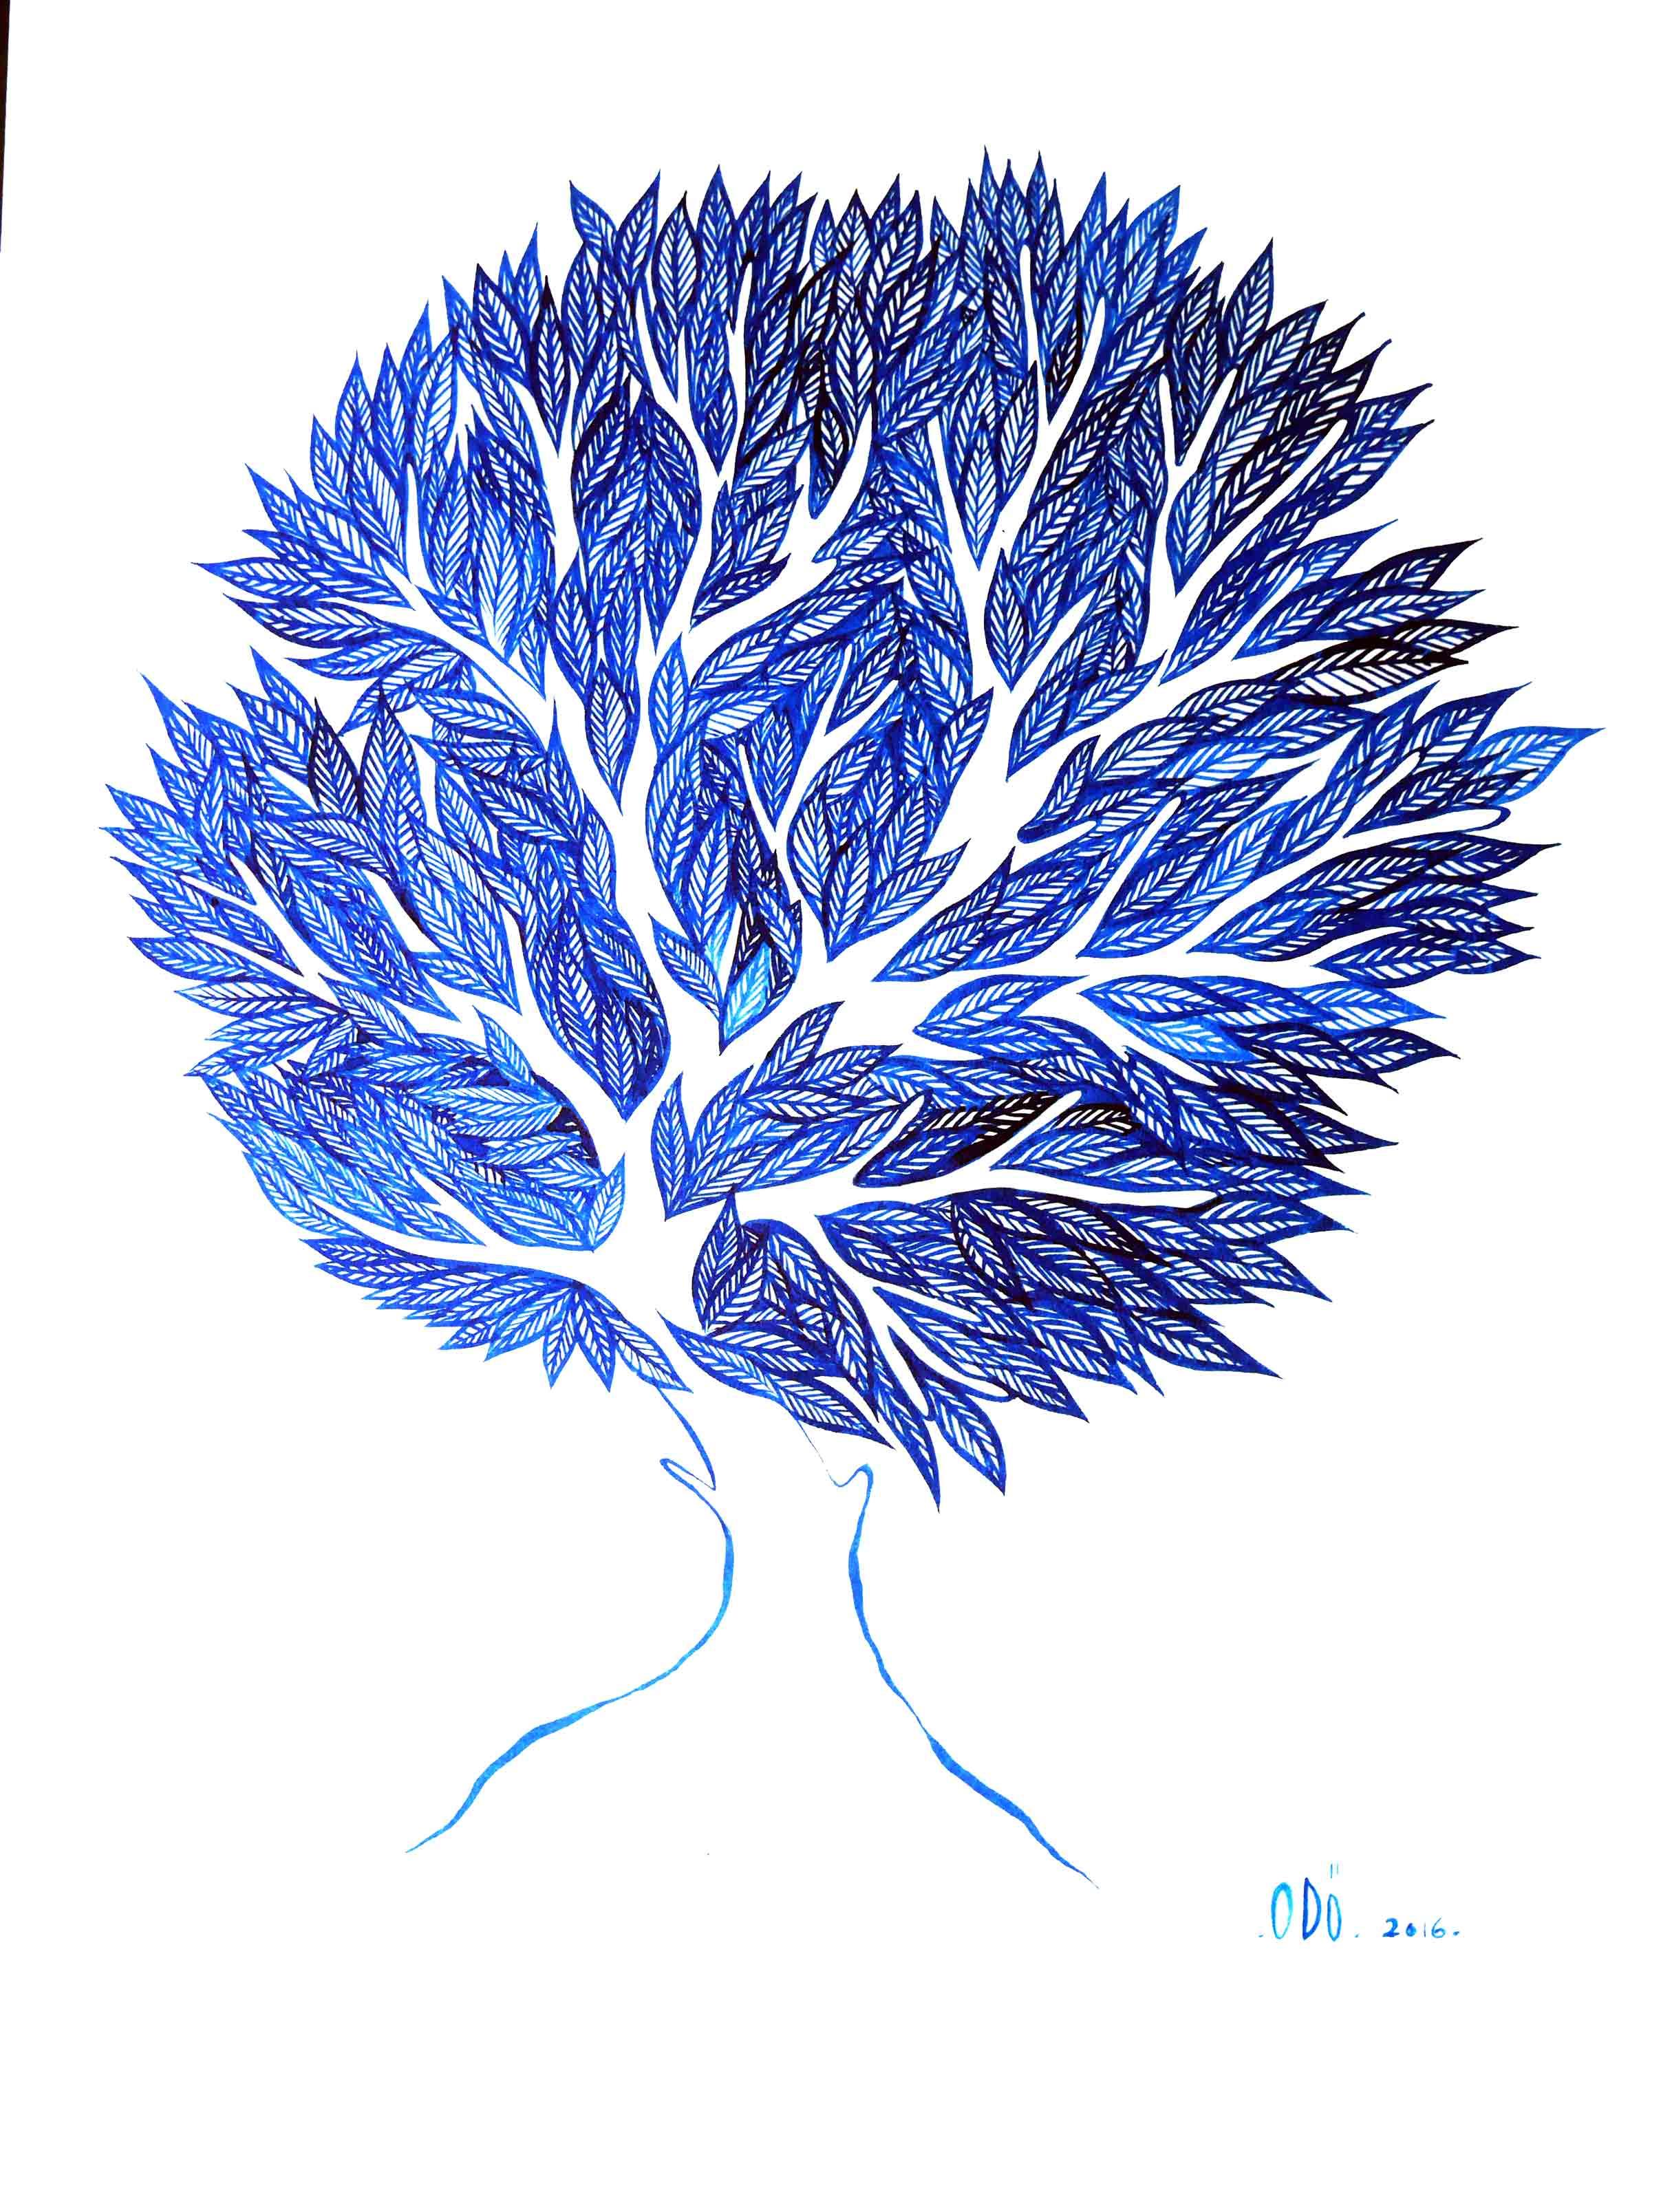 Tree Leaves - Odö